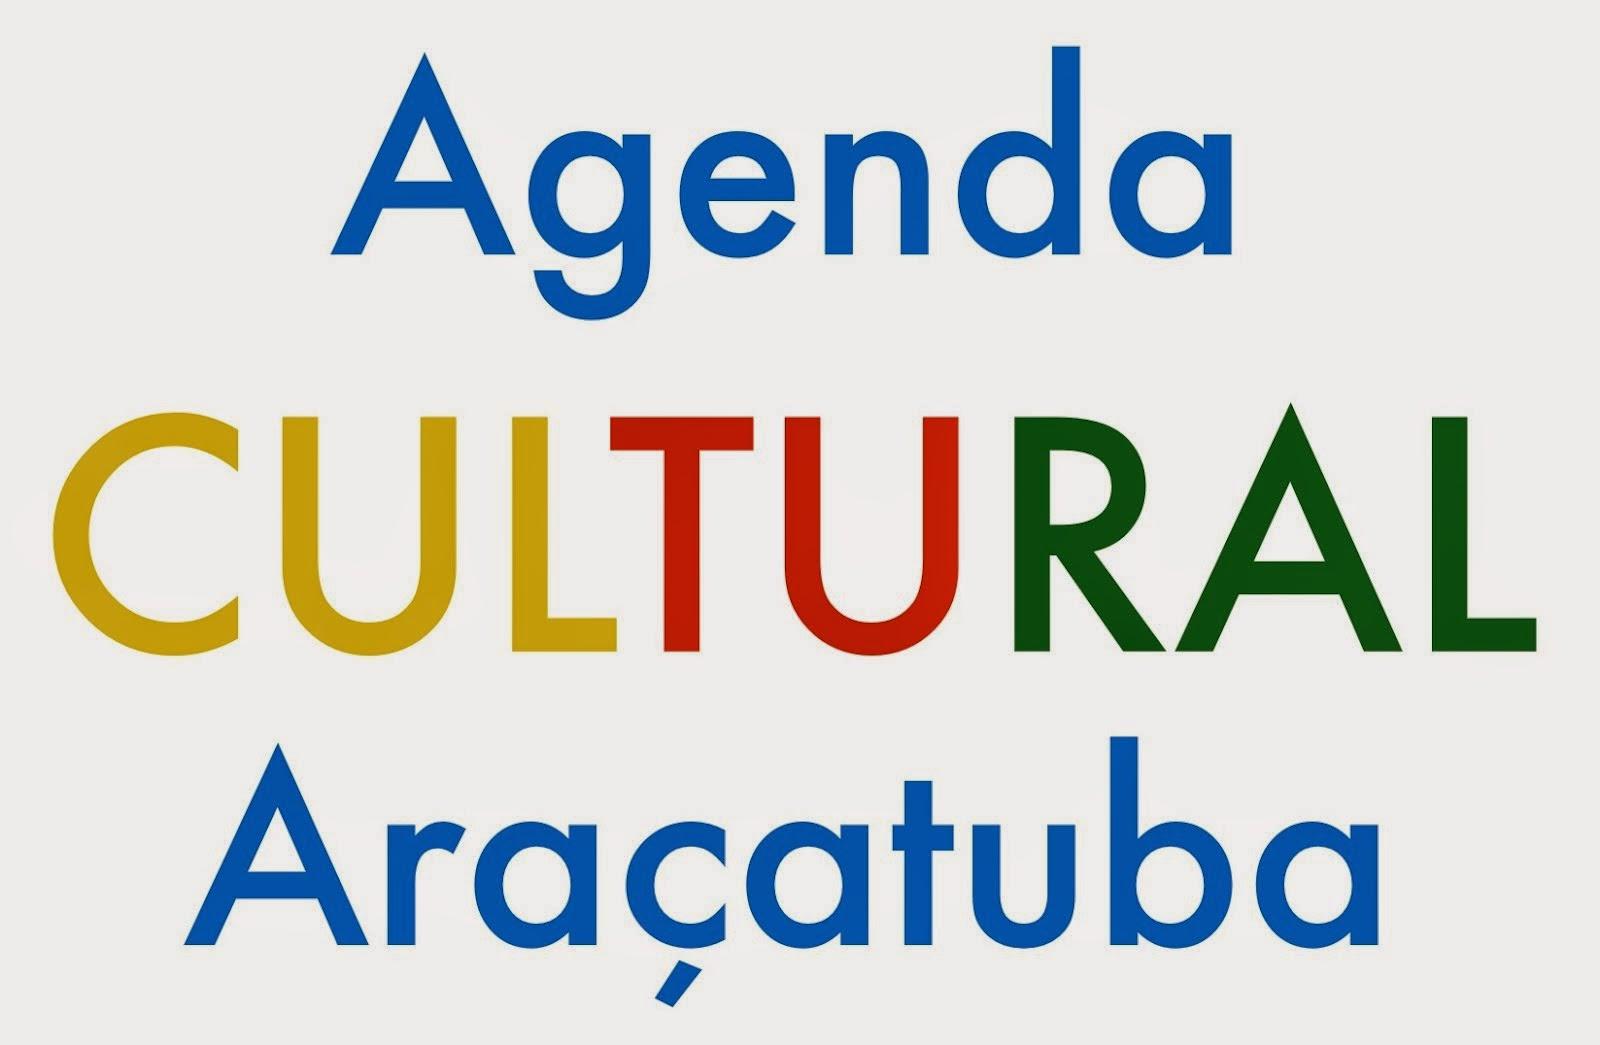 Eventos culturais de Araçatuba